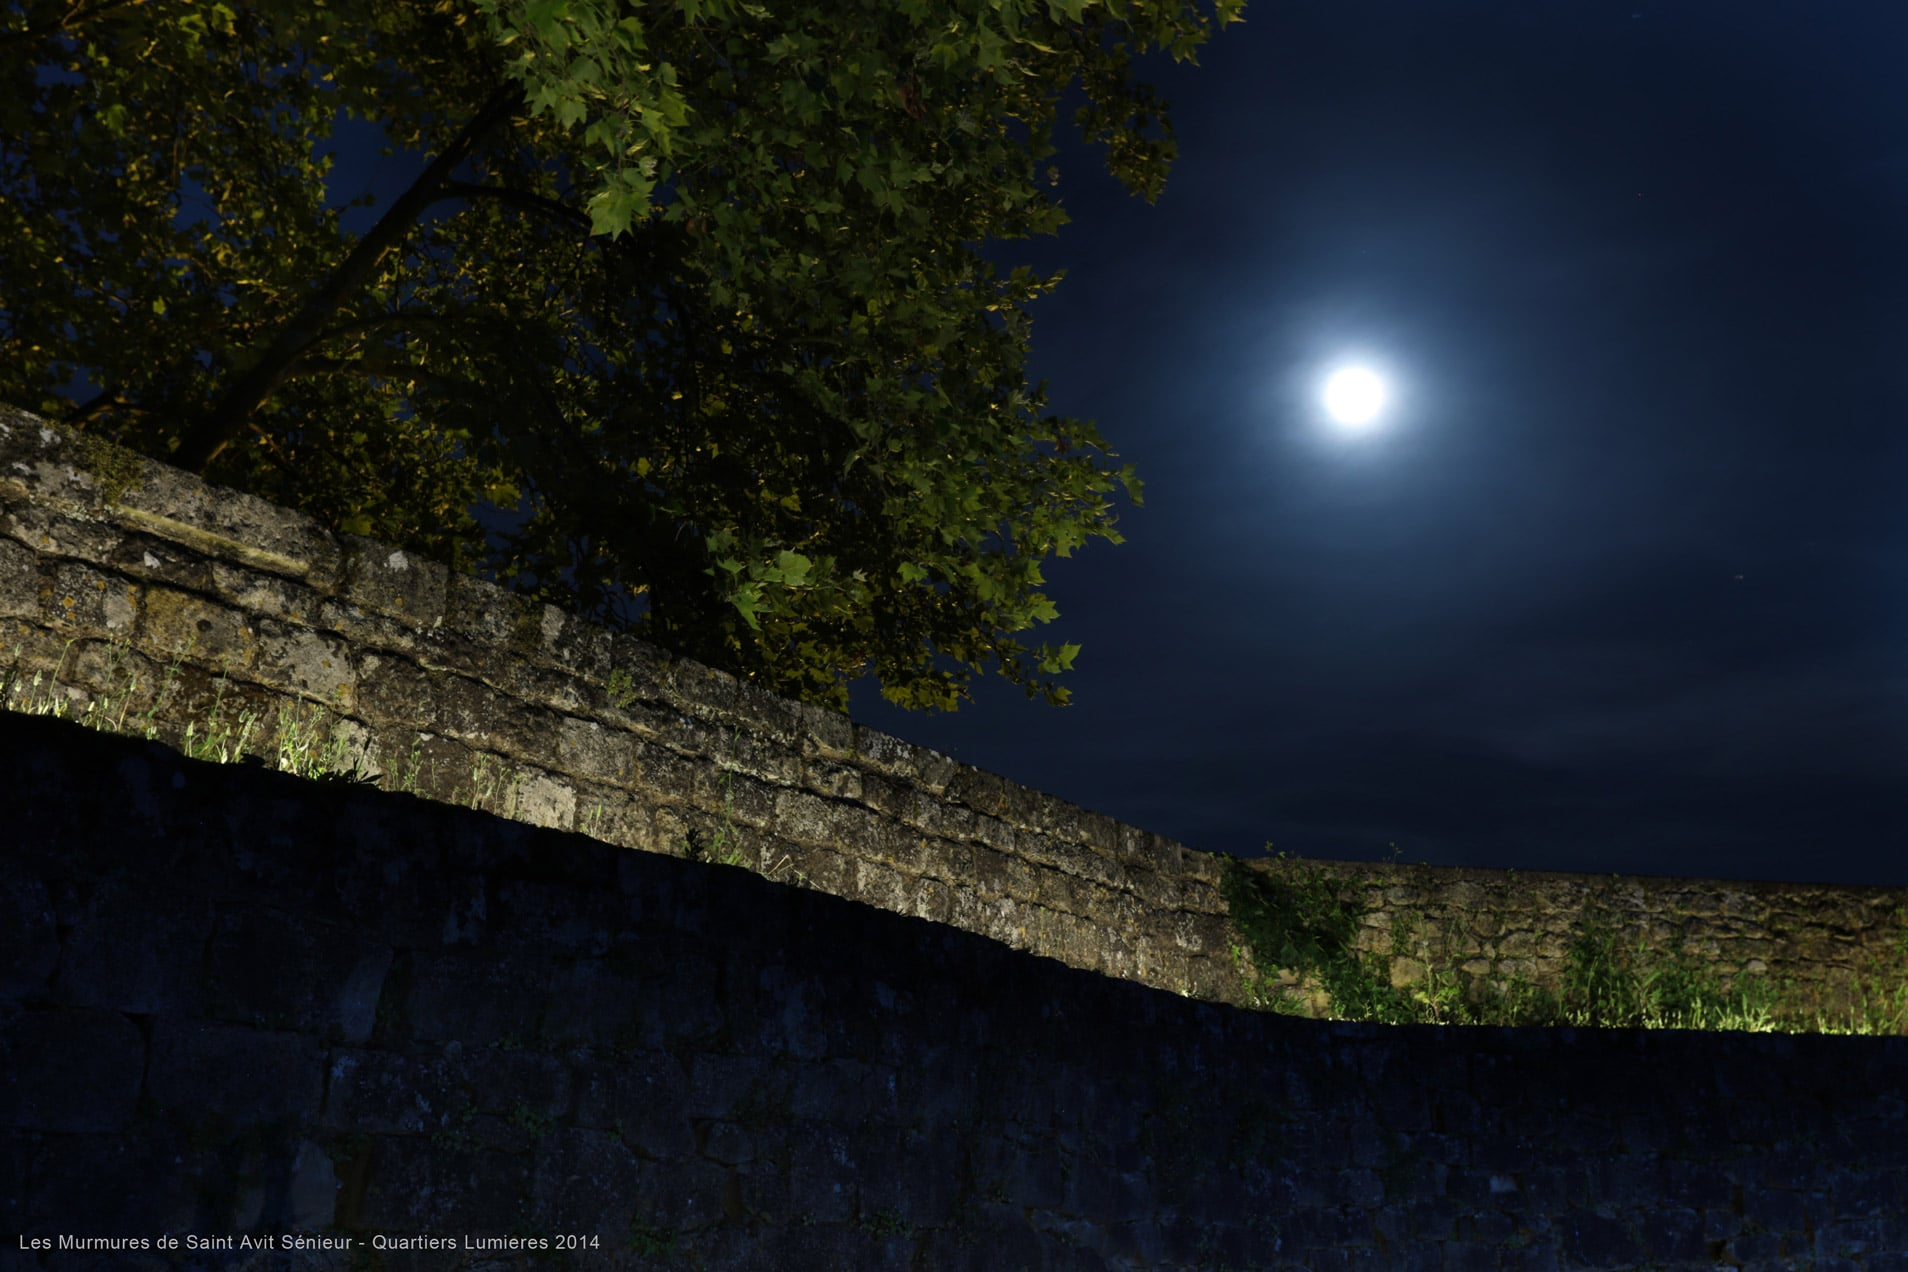 pleine lune avec mur éclairé